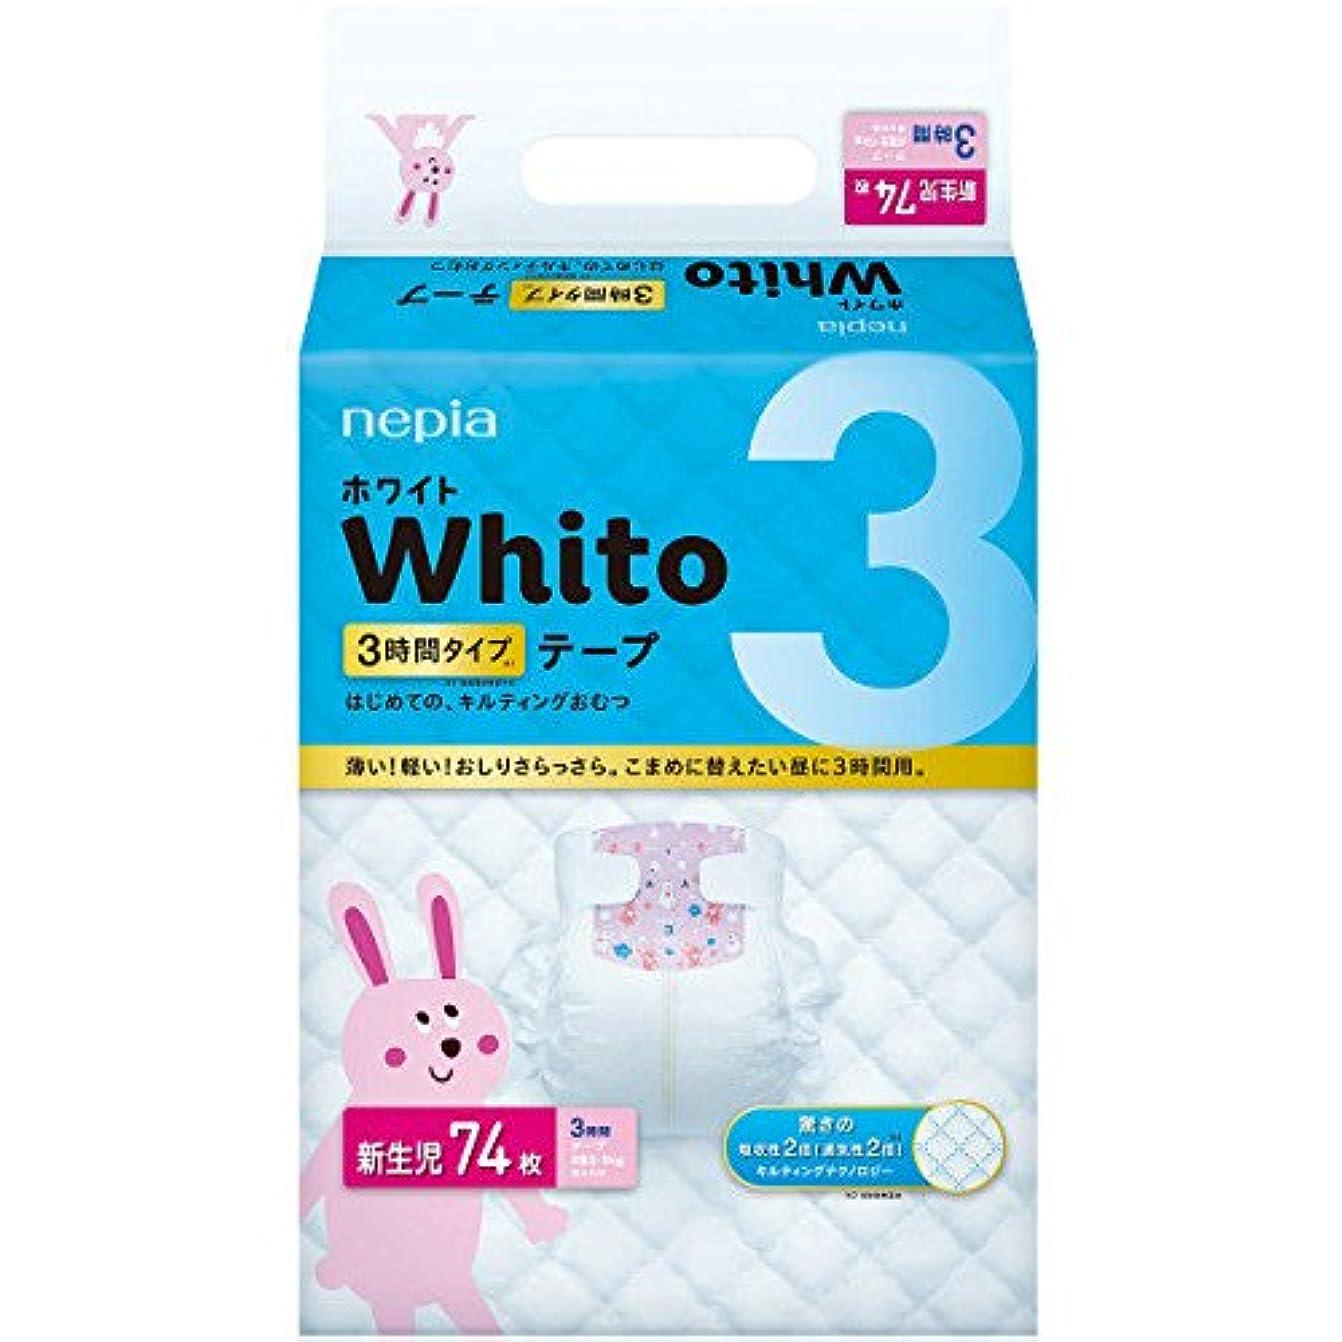 傾向オレンジ母性ネピア Whito(ホワイト) テープ 新生児 3時間タイプ 74枚【4個セット(ケース販売)】